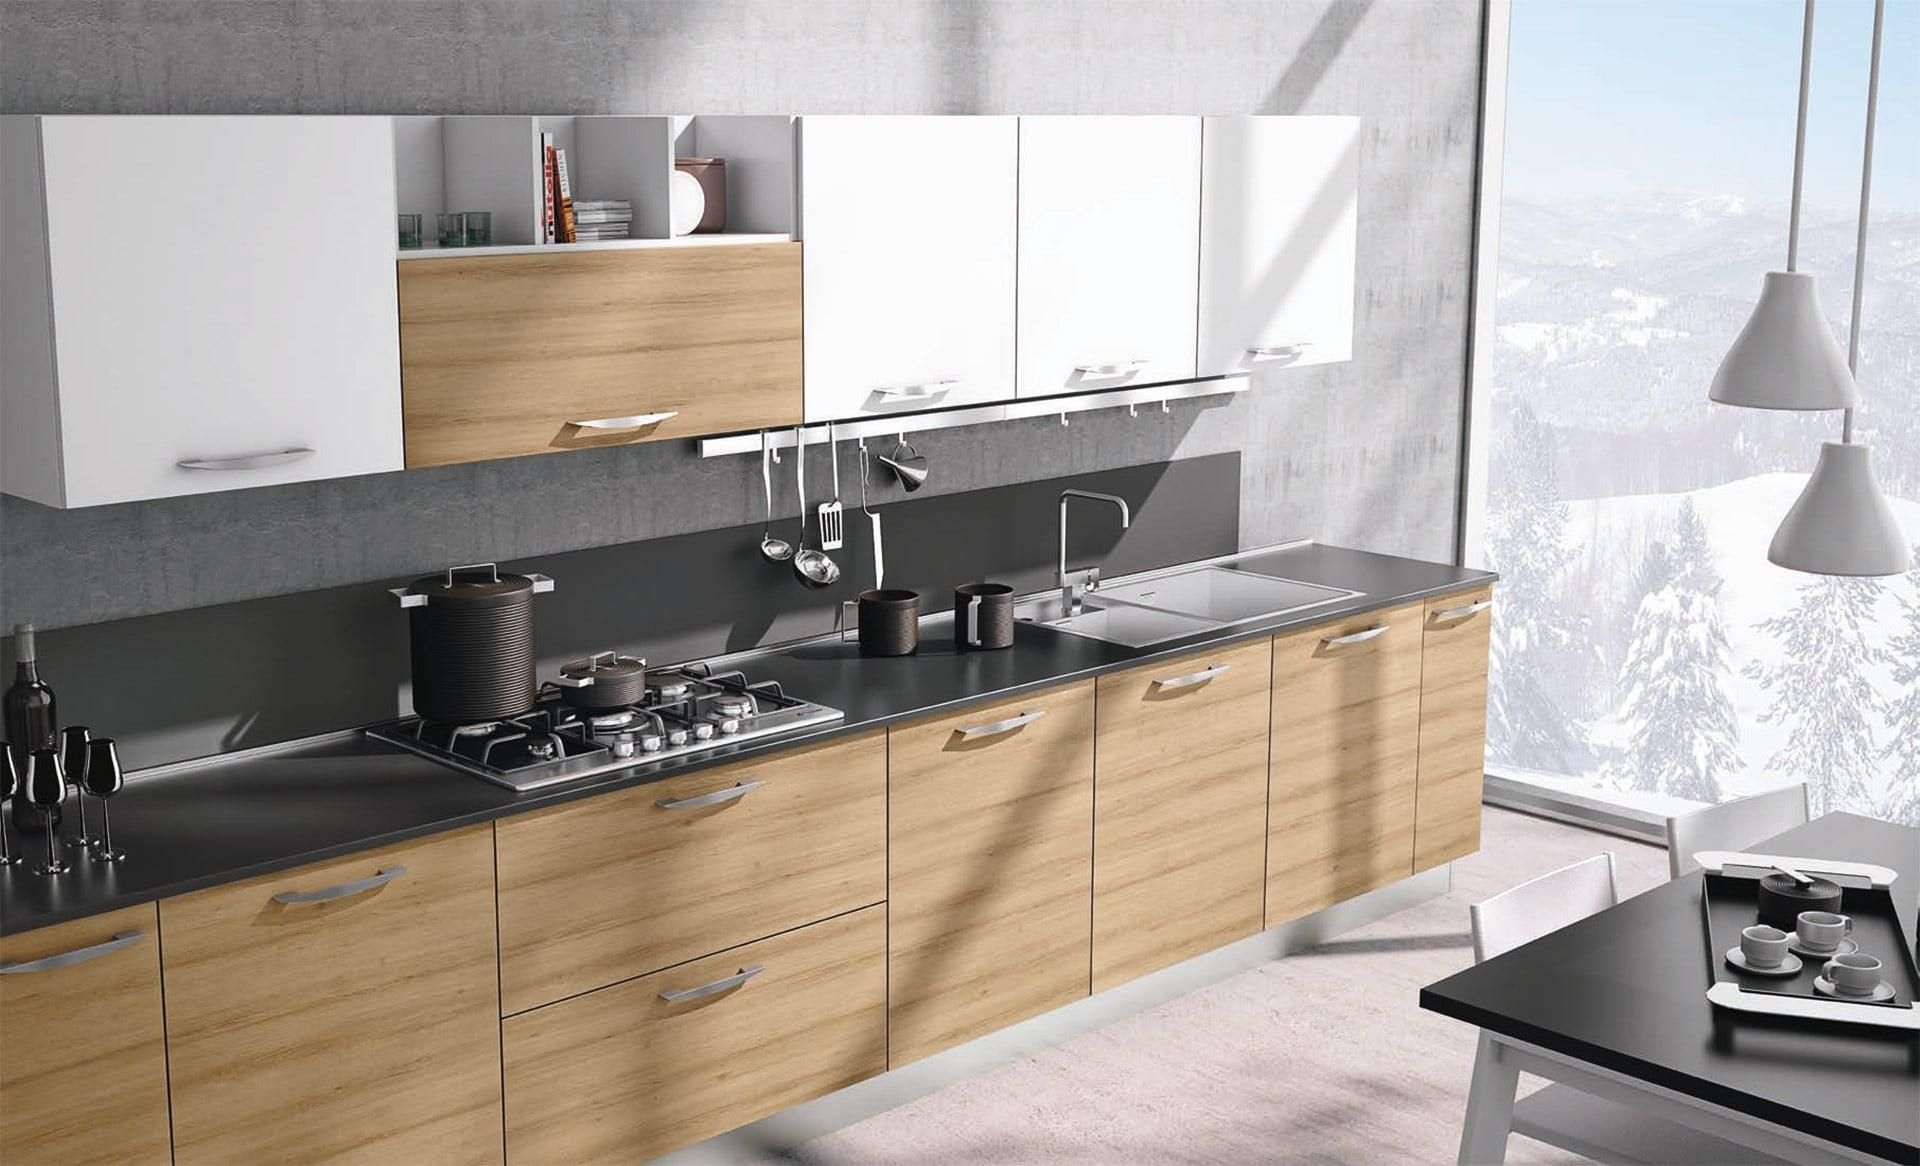 Cucina Britt Lube Creo Store Stradella